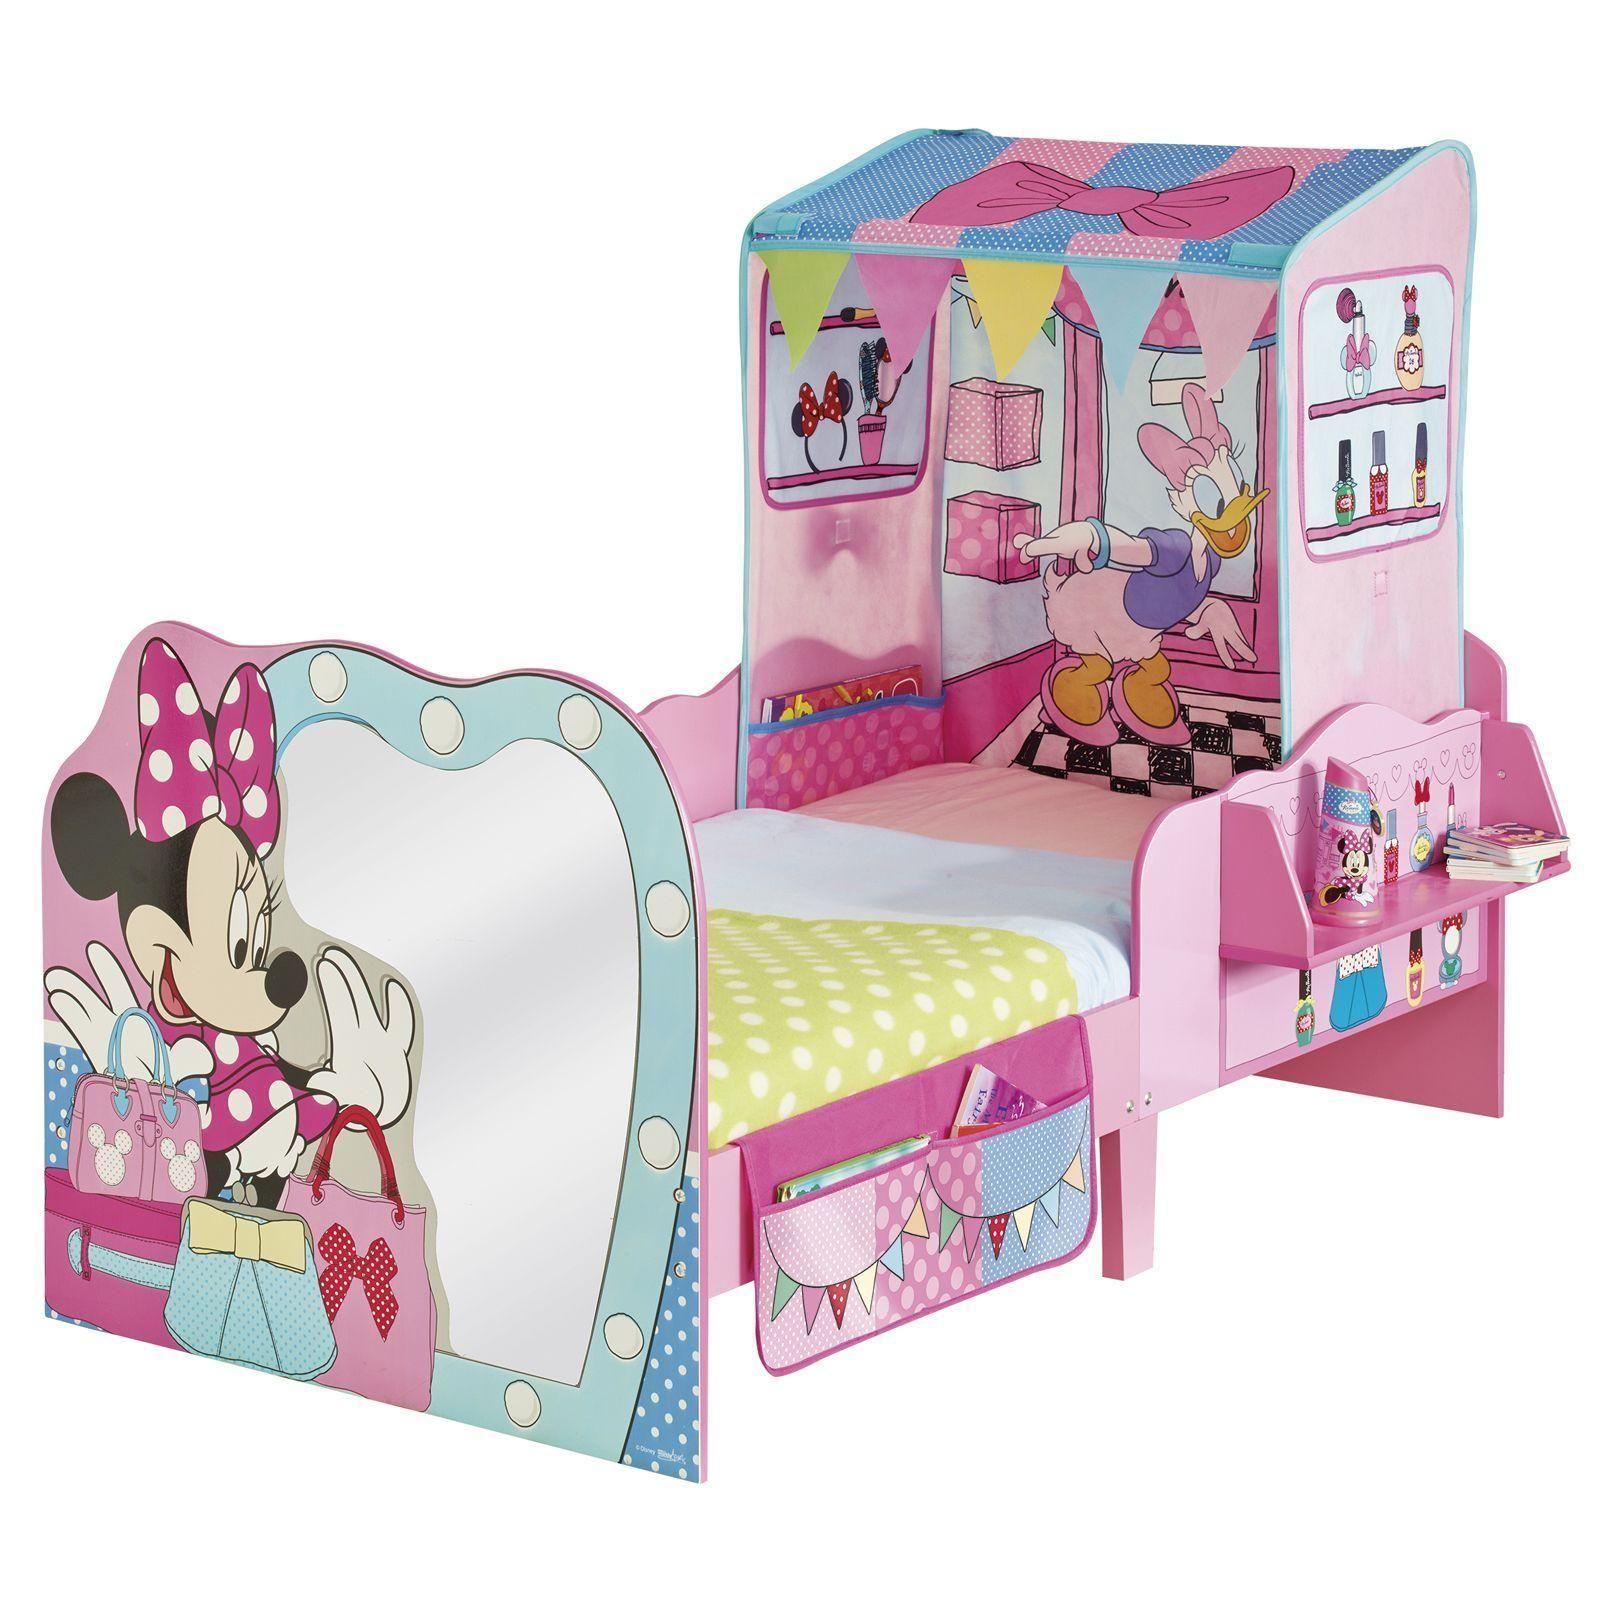 Minni Maus Bett : minnie mouse startime mdf junior kleinkind eigenschaft bett ebay ~ Watch28wear.com Haus und Dekorationen